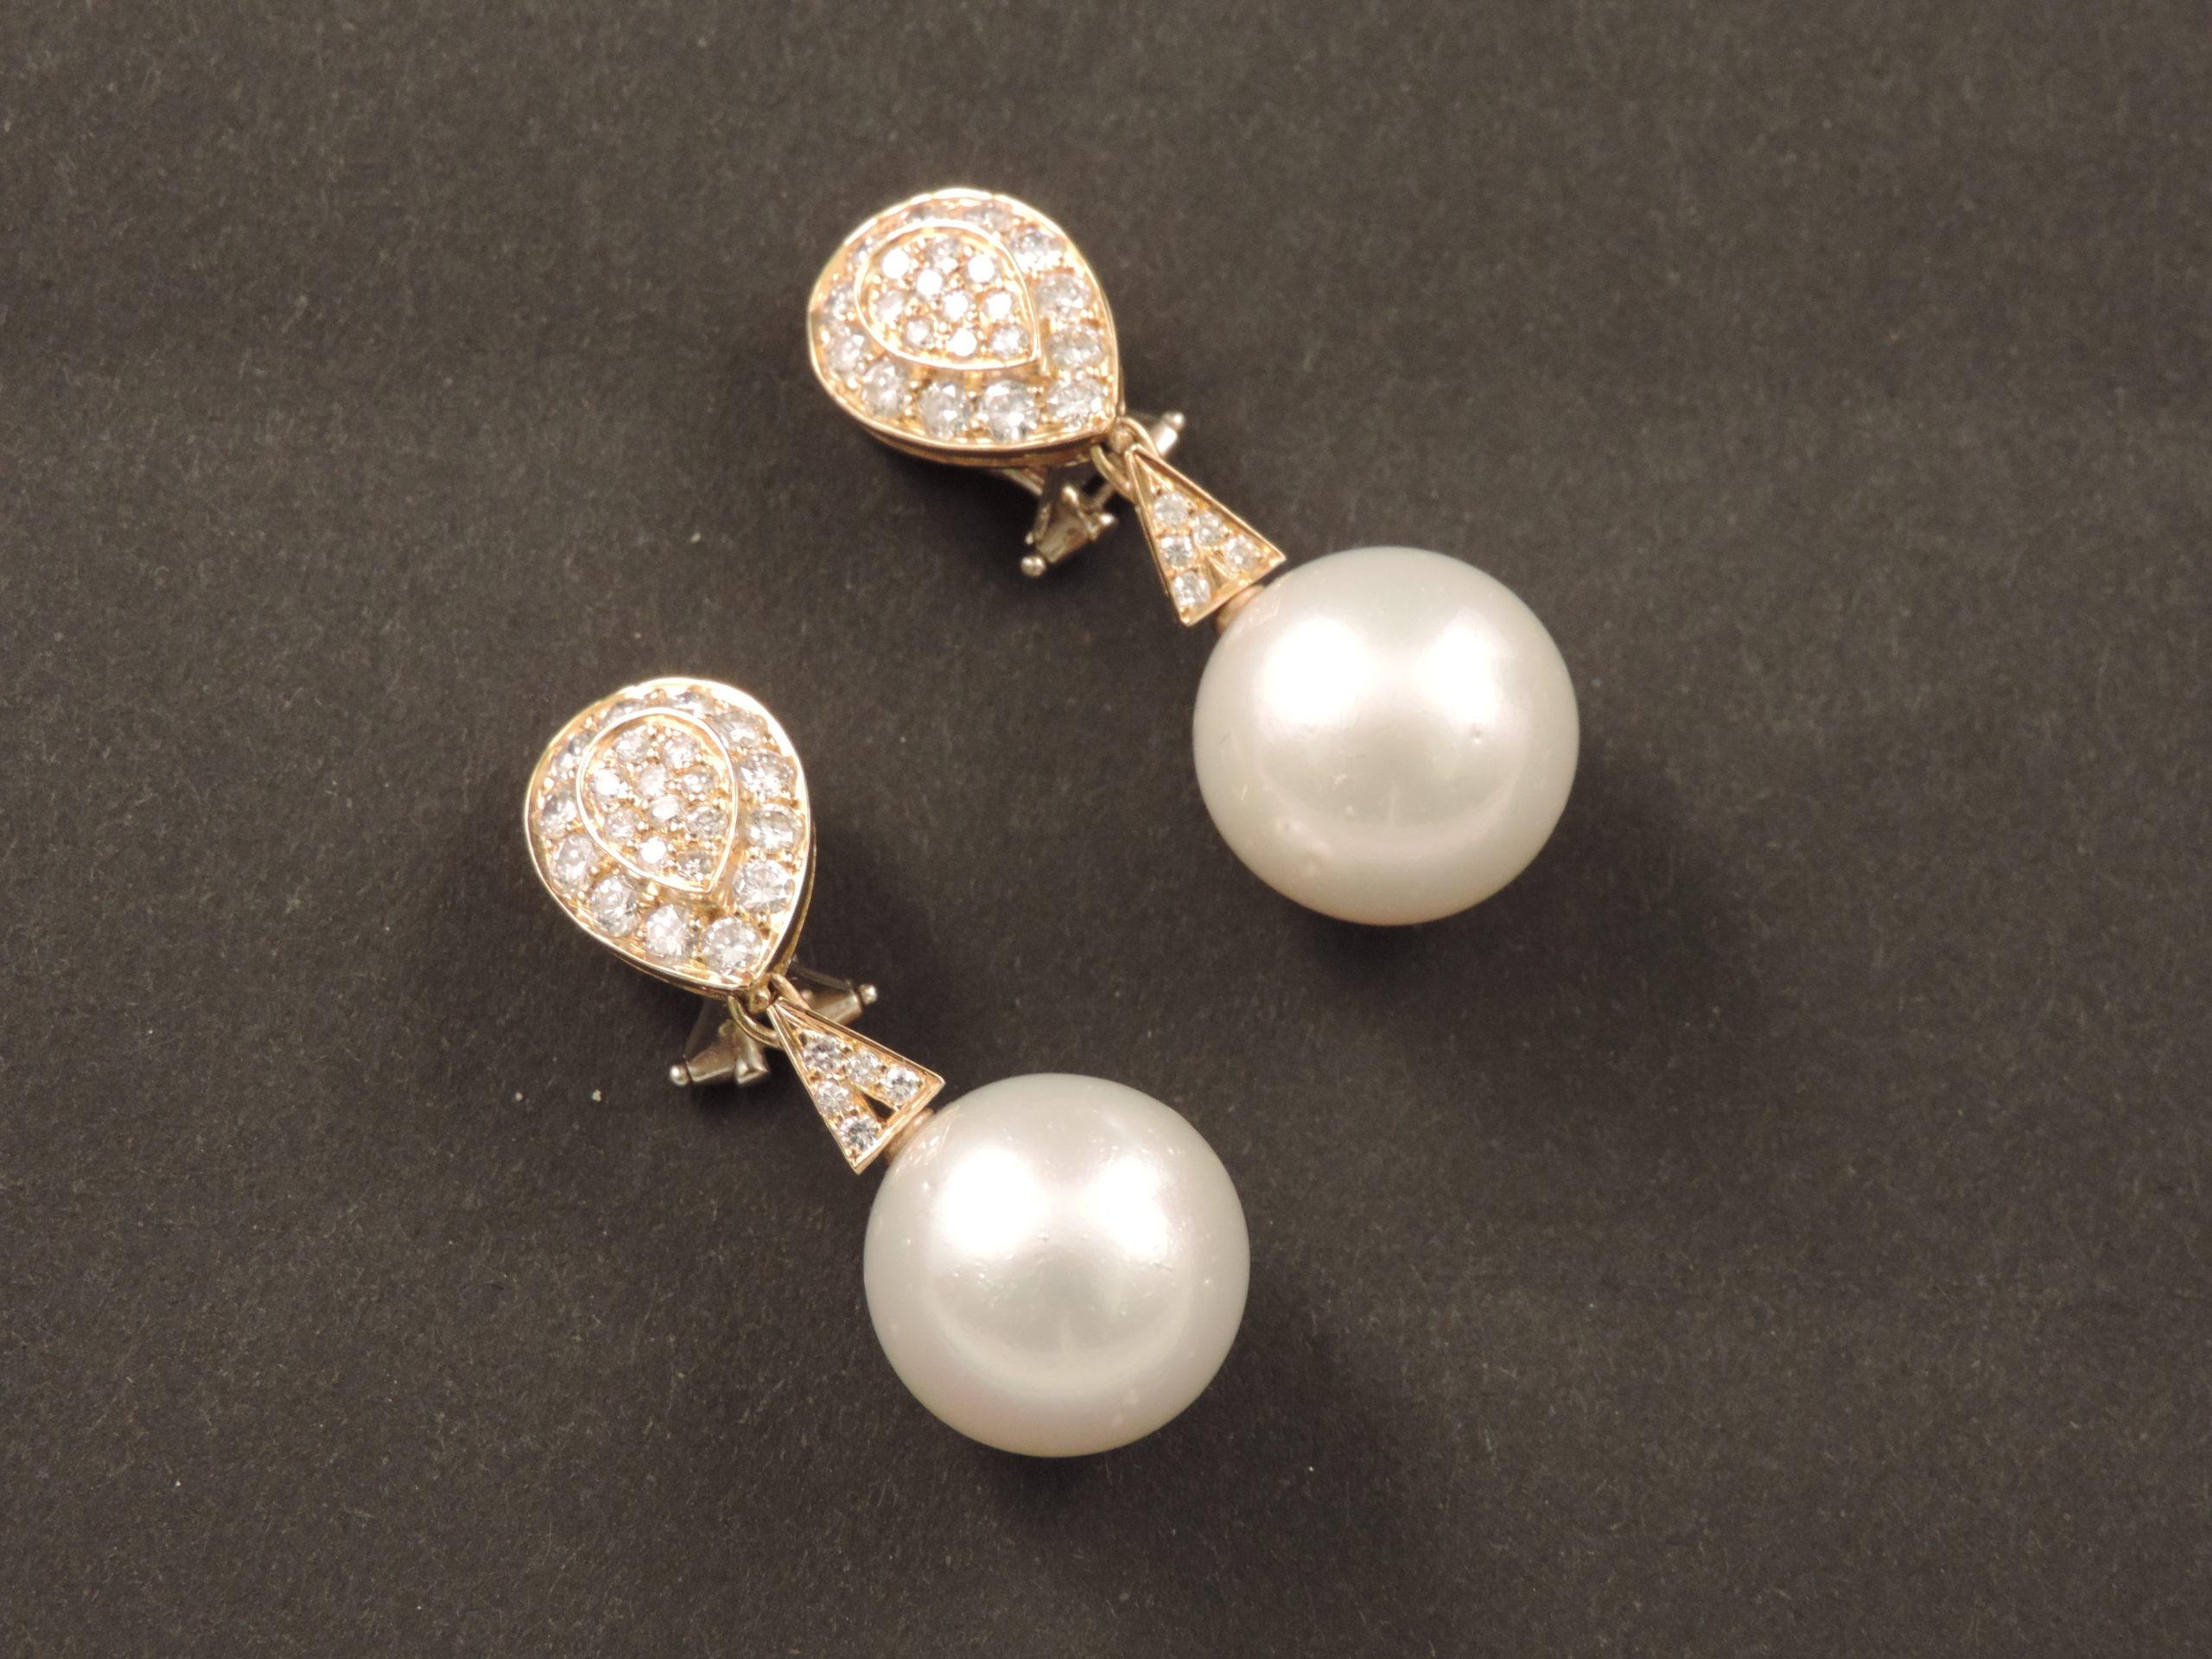 Orecchini a clip con perle coltivate e diamanti, anni '60